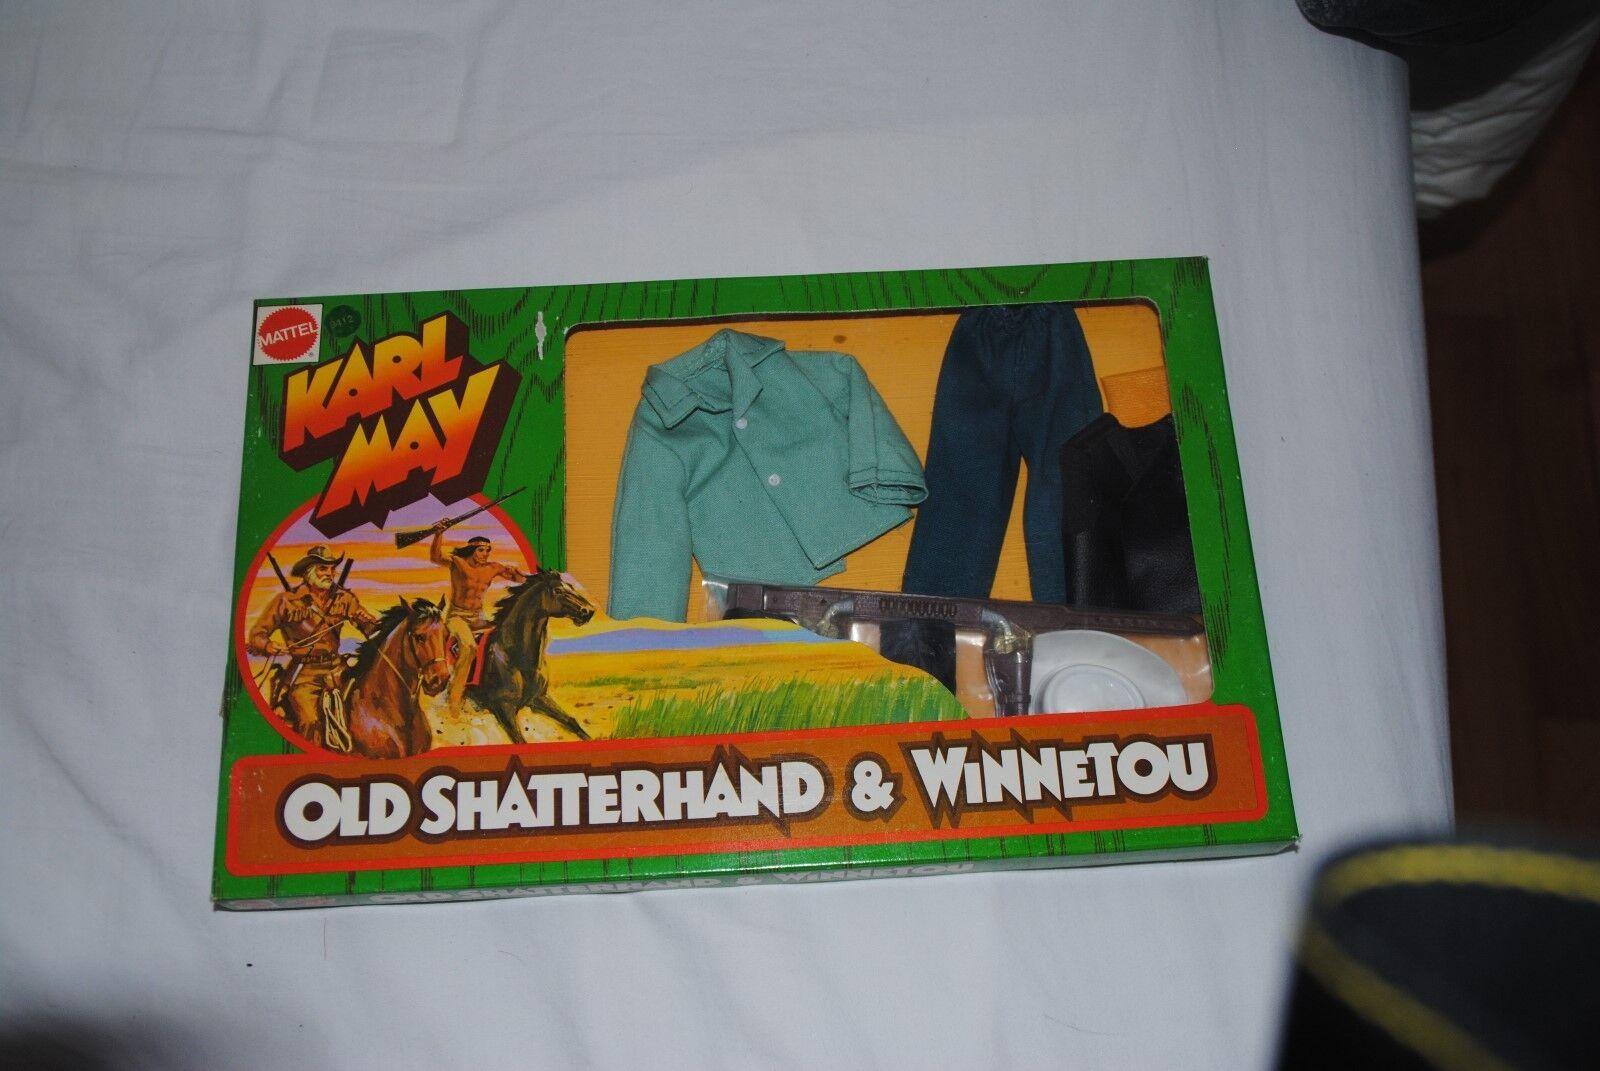 BIG JIM KARL MAY      TEXAS RANGER      9412          BOXED    SET